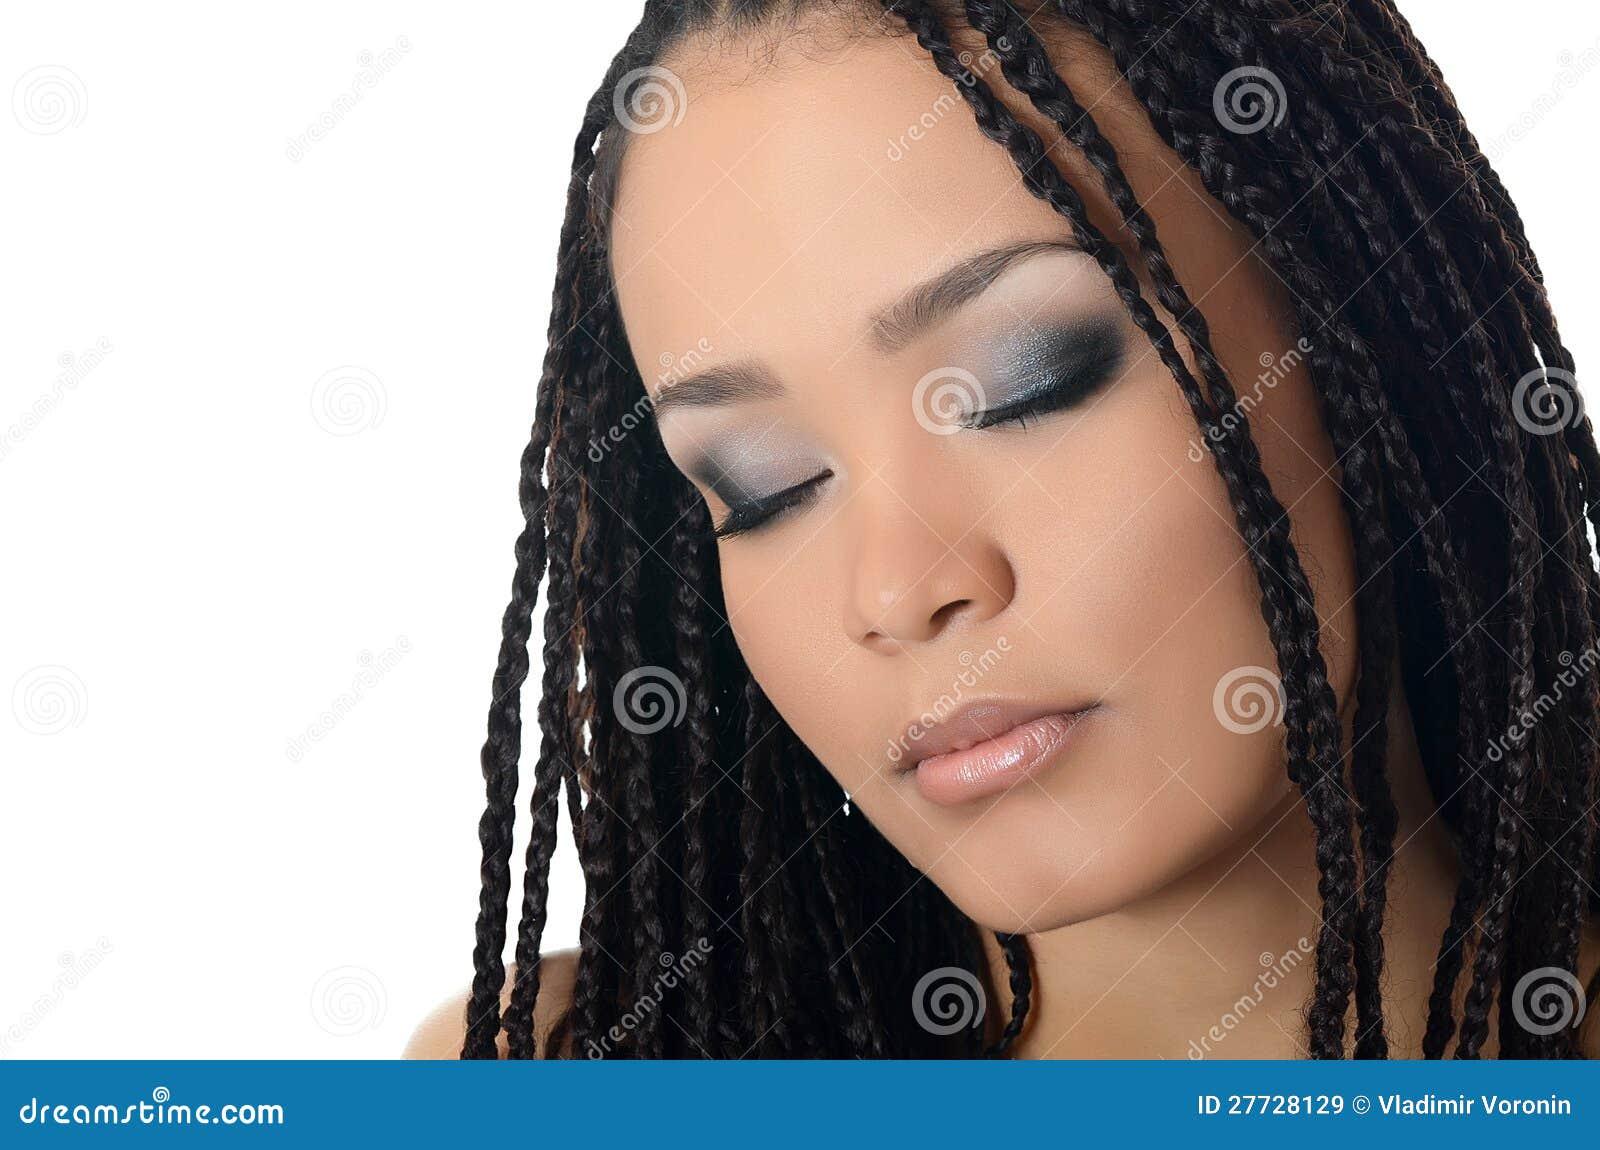 Der Mädchenmulatte mit einem schönen Make-up